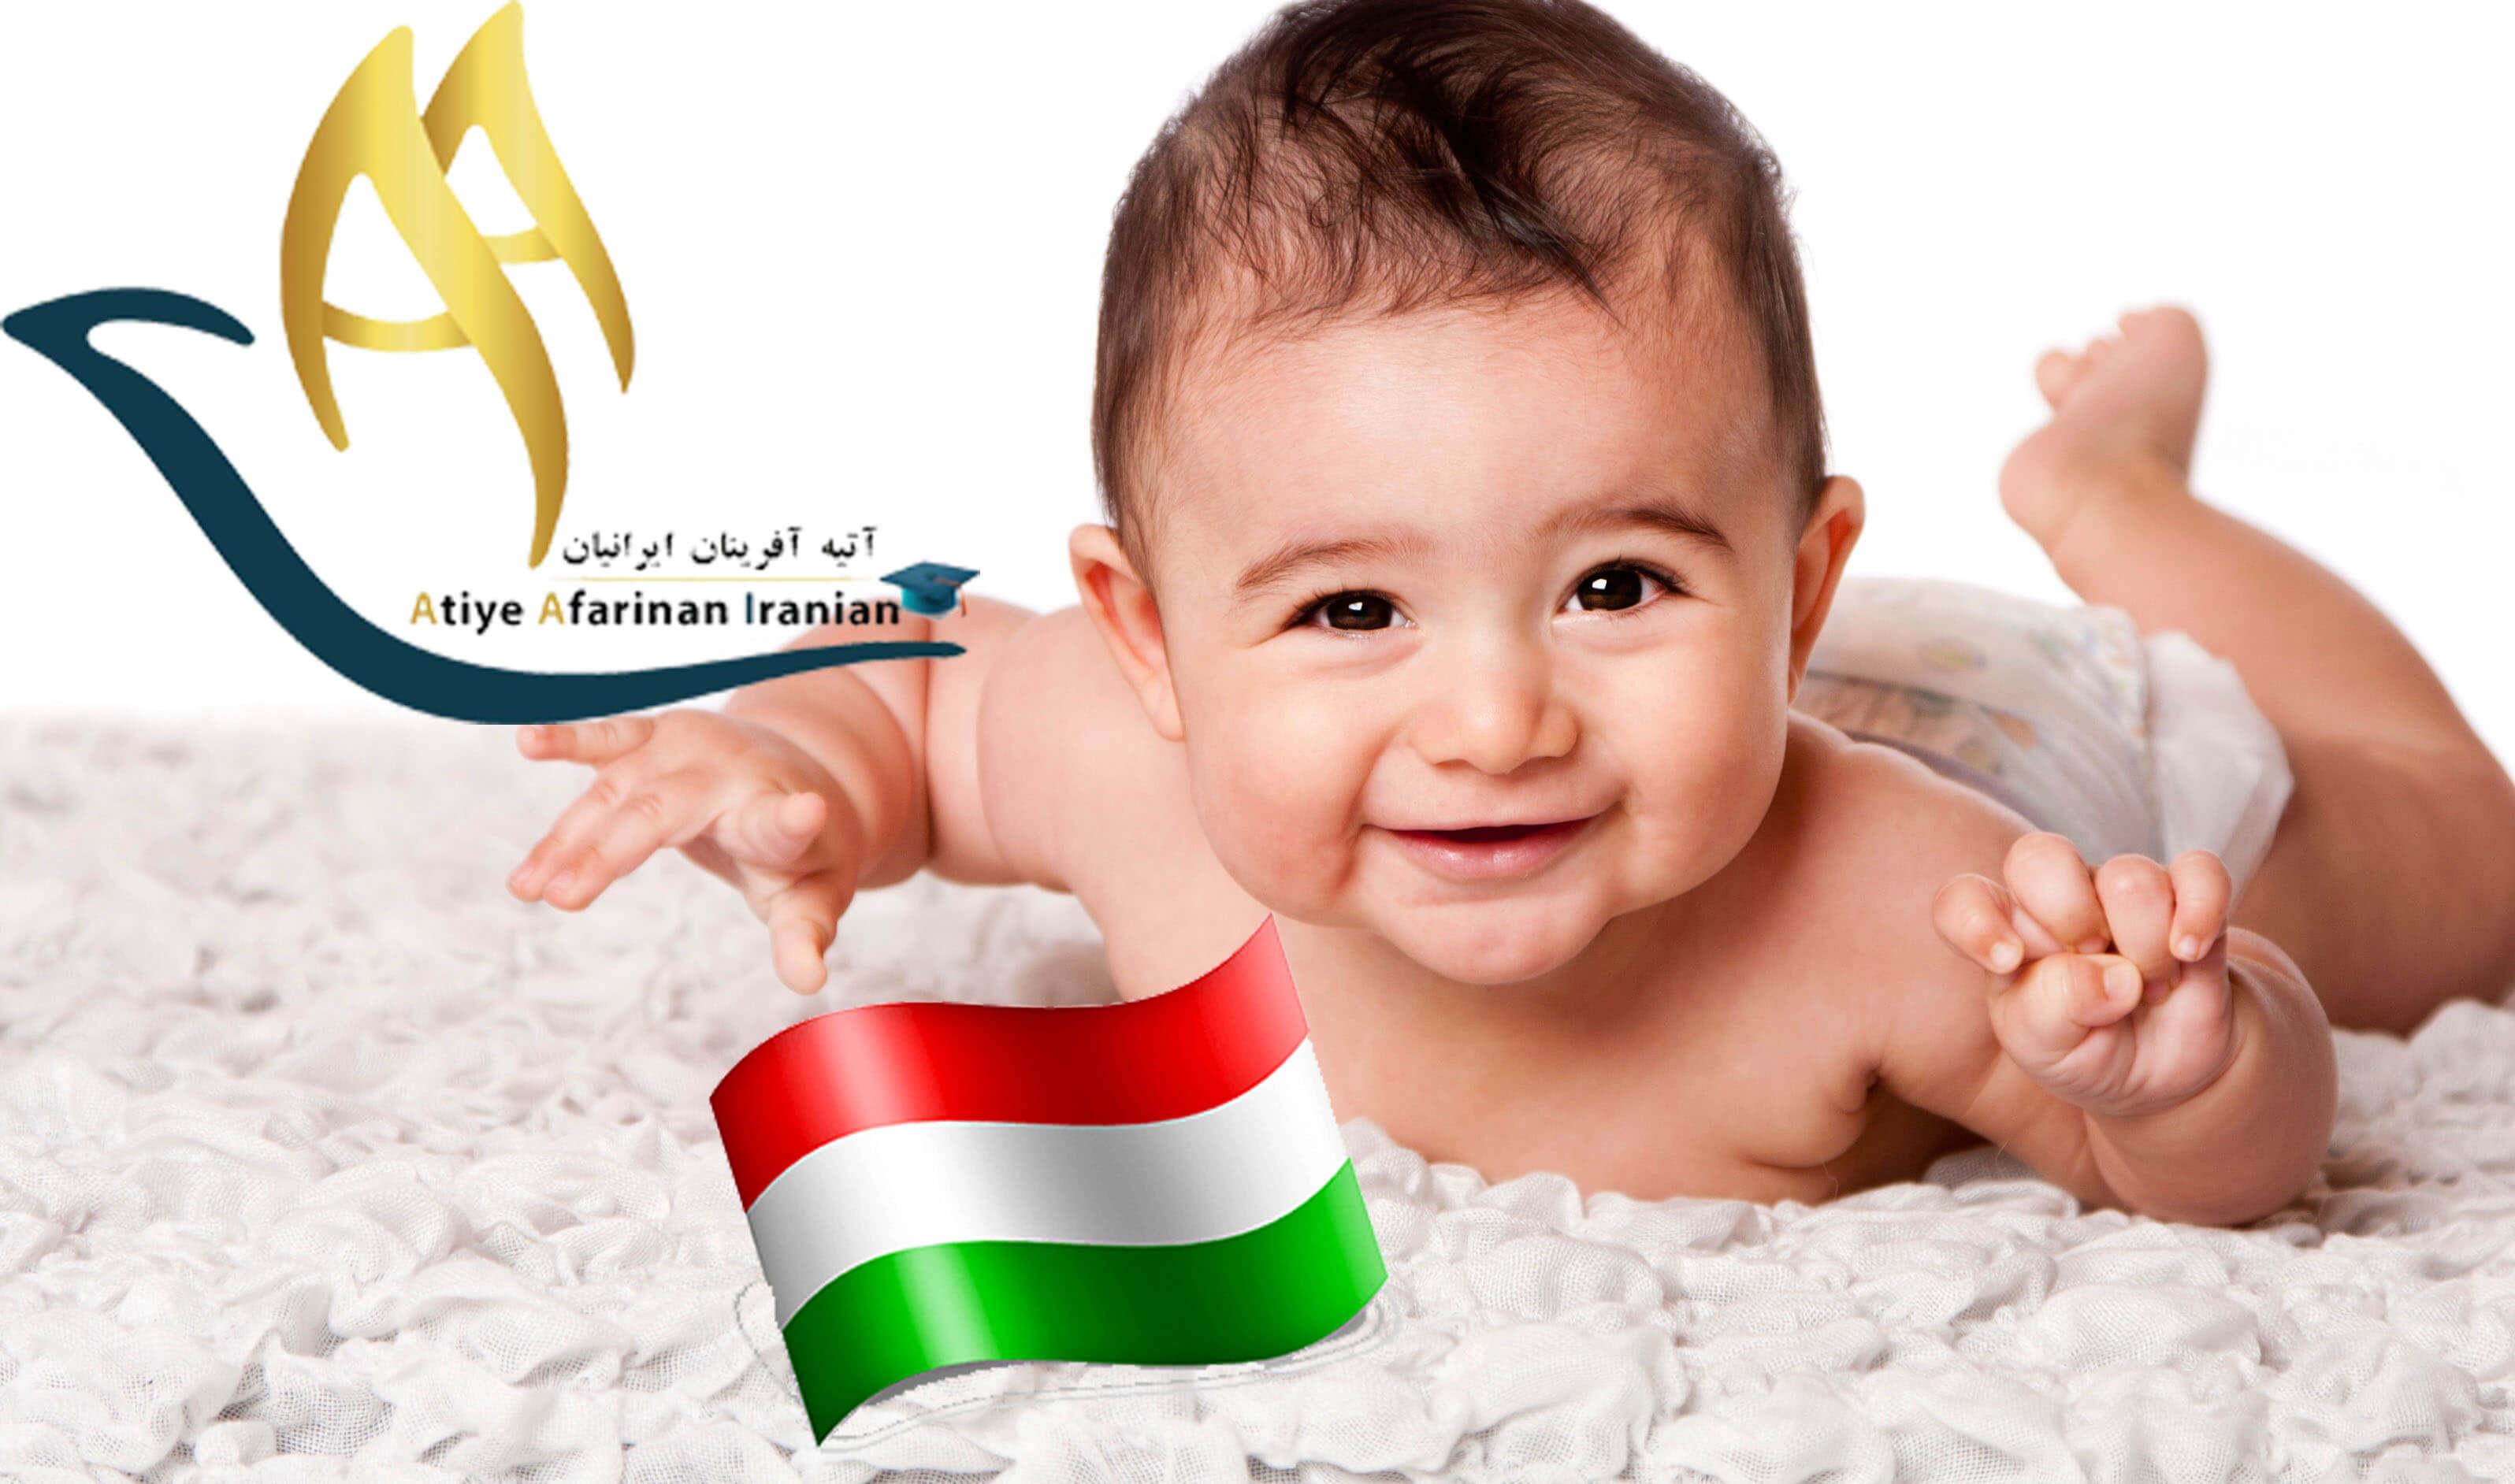 مهاجرت به مجارستان از طریق تولد فرزند